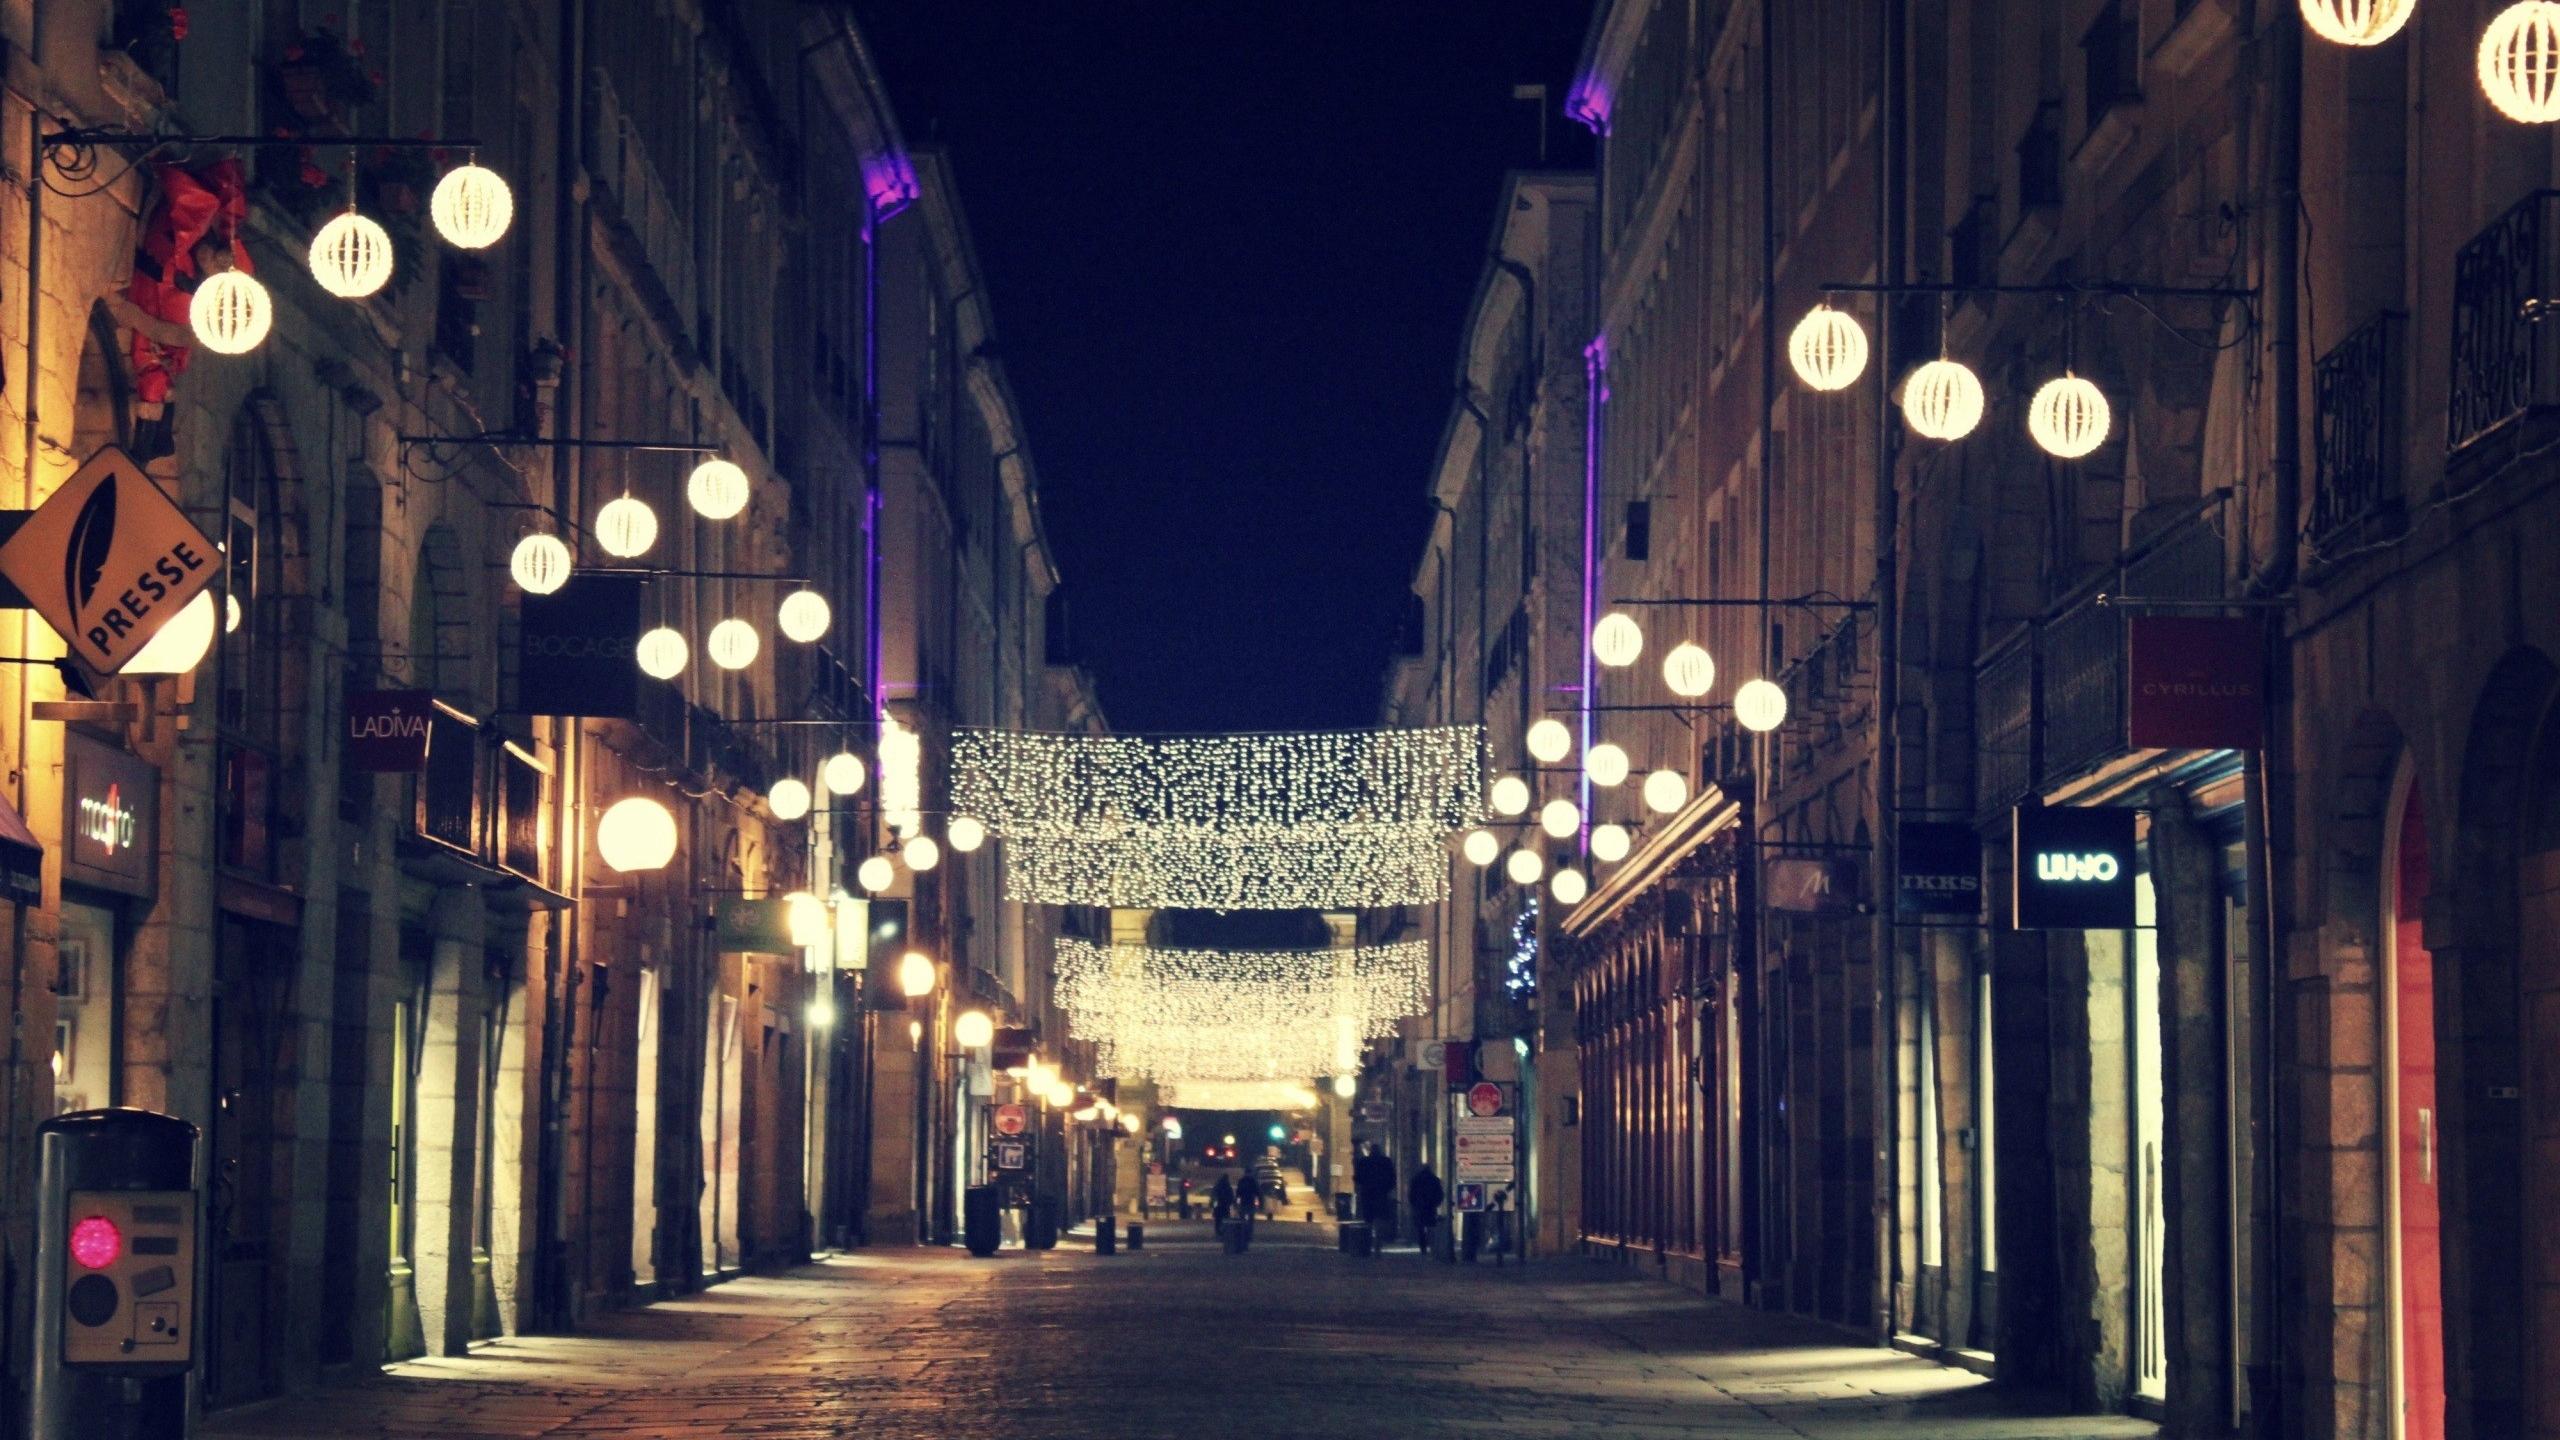 Wallpaper City, Night, Street, Light, Glare - City Rain Wallpaper 4k - HD Wallpaper